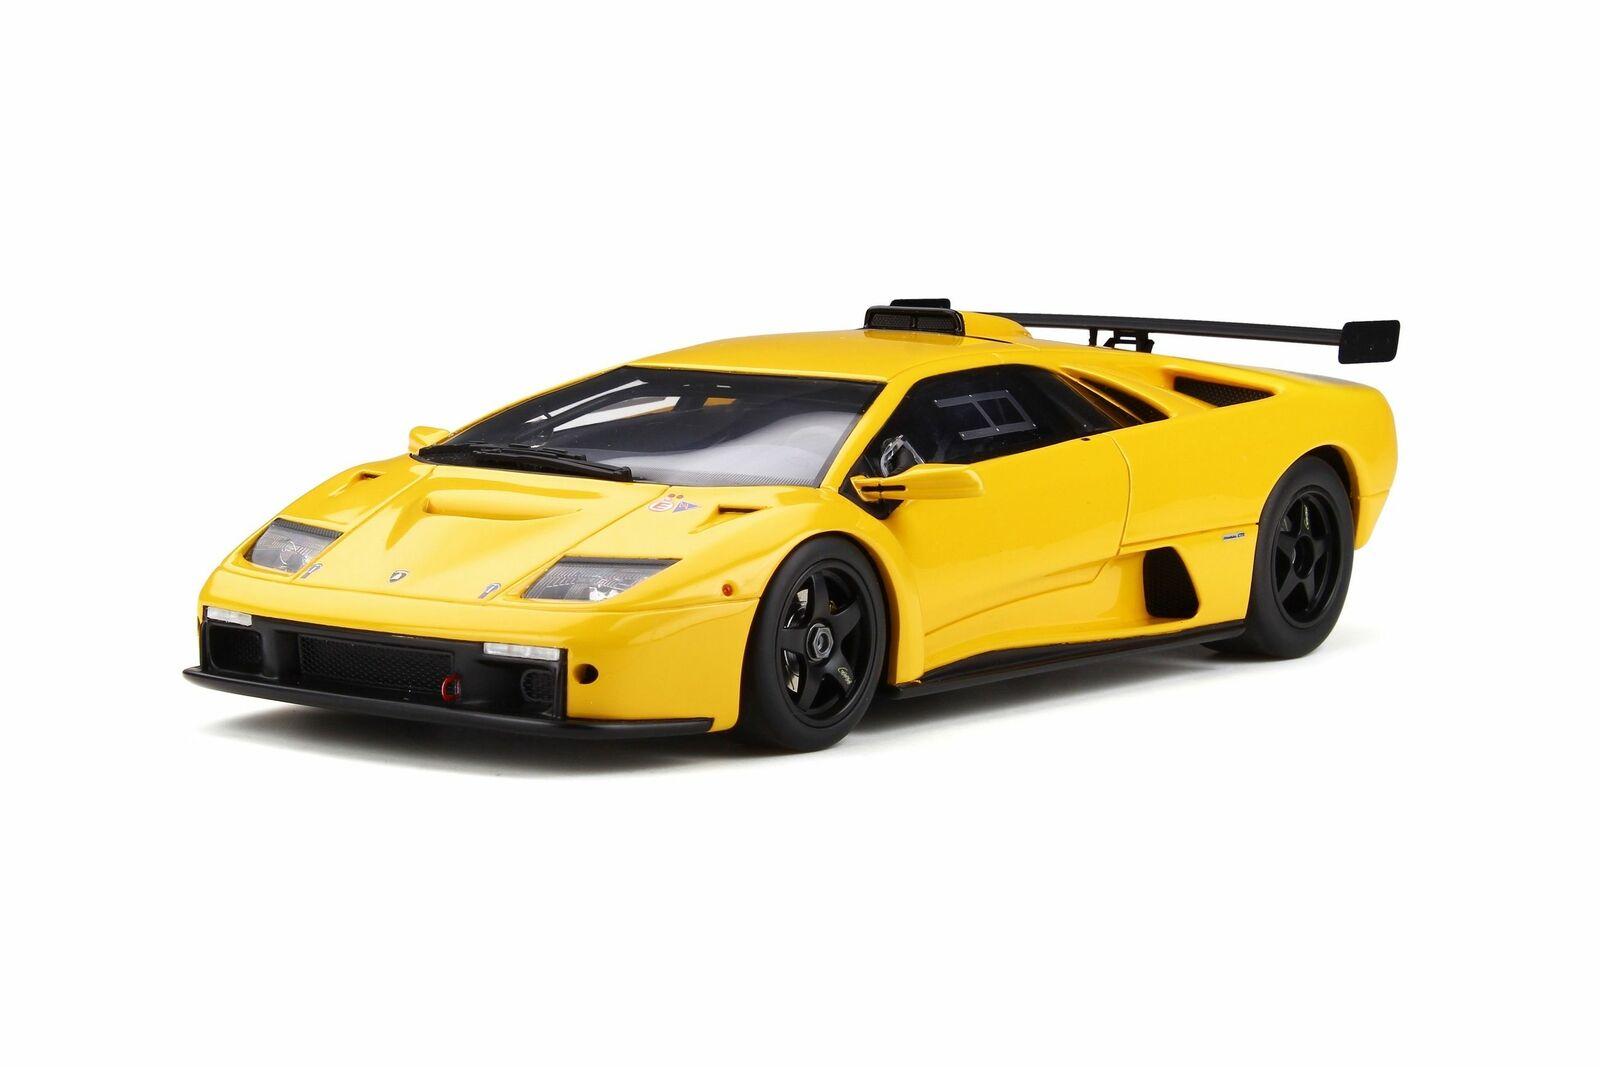 gts18509y - GT-SPIRIT Lamborghini Diablo GTR-jaune jaune - 1 18